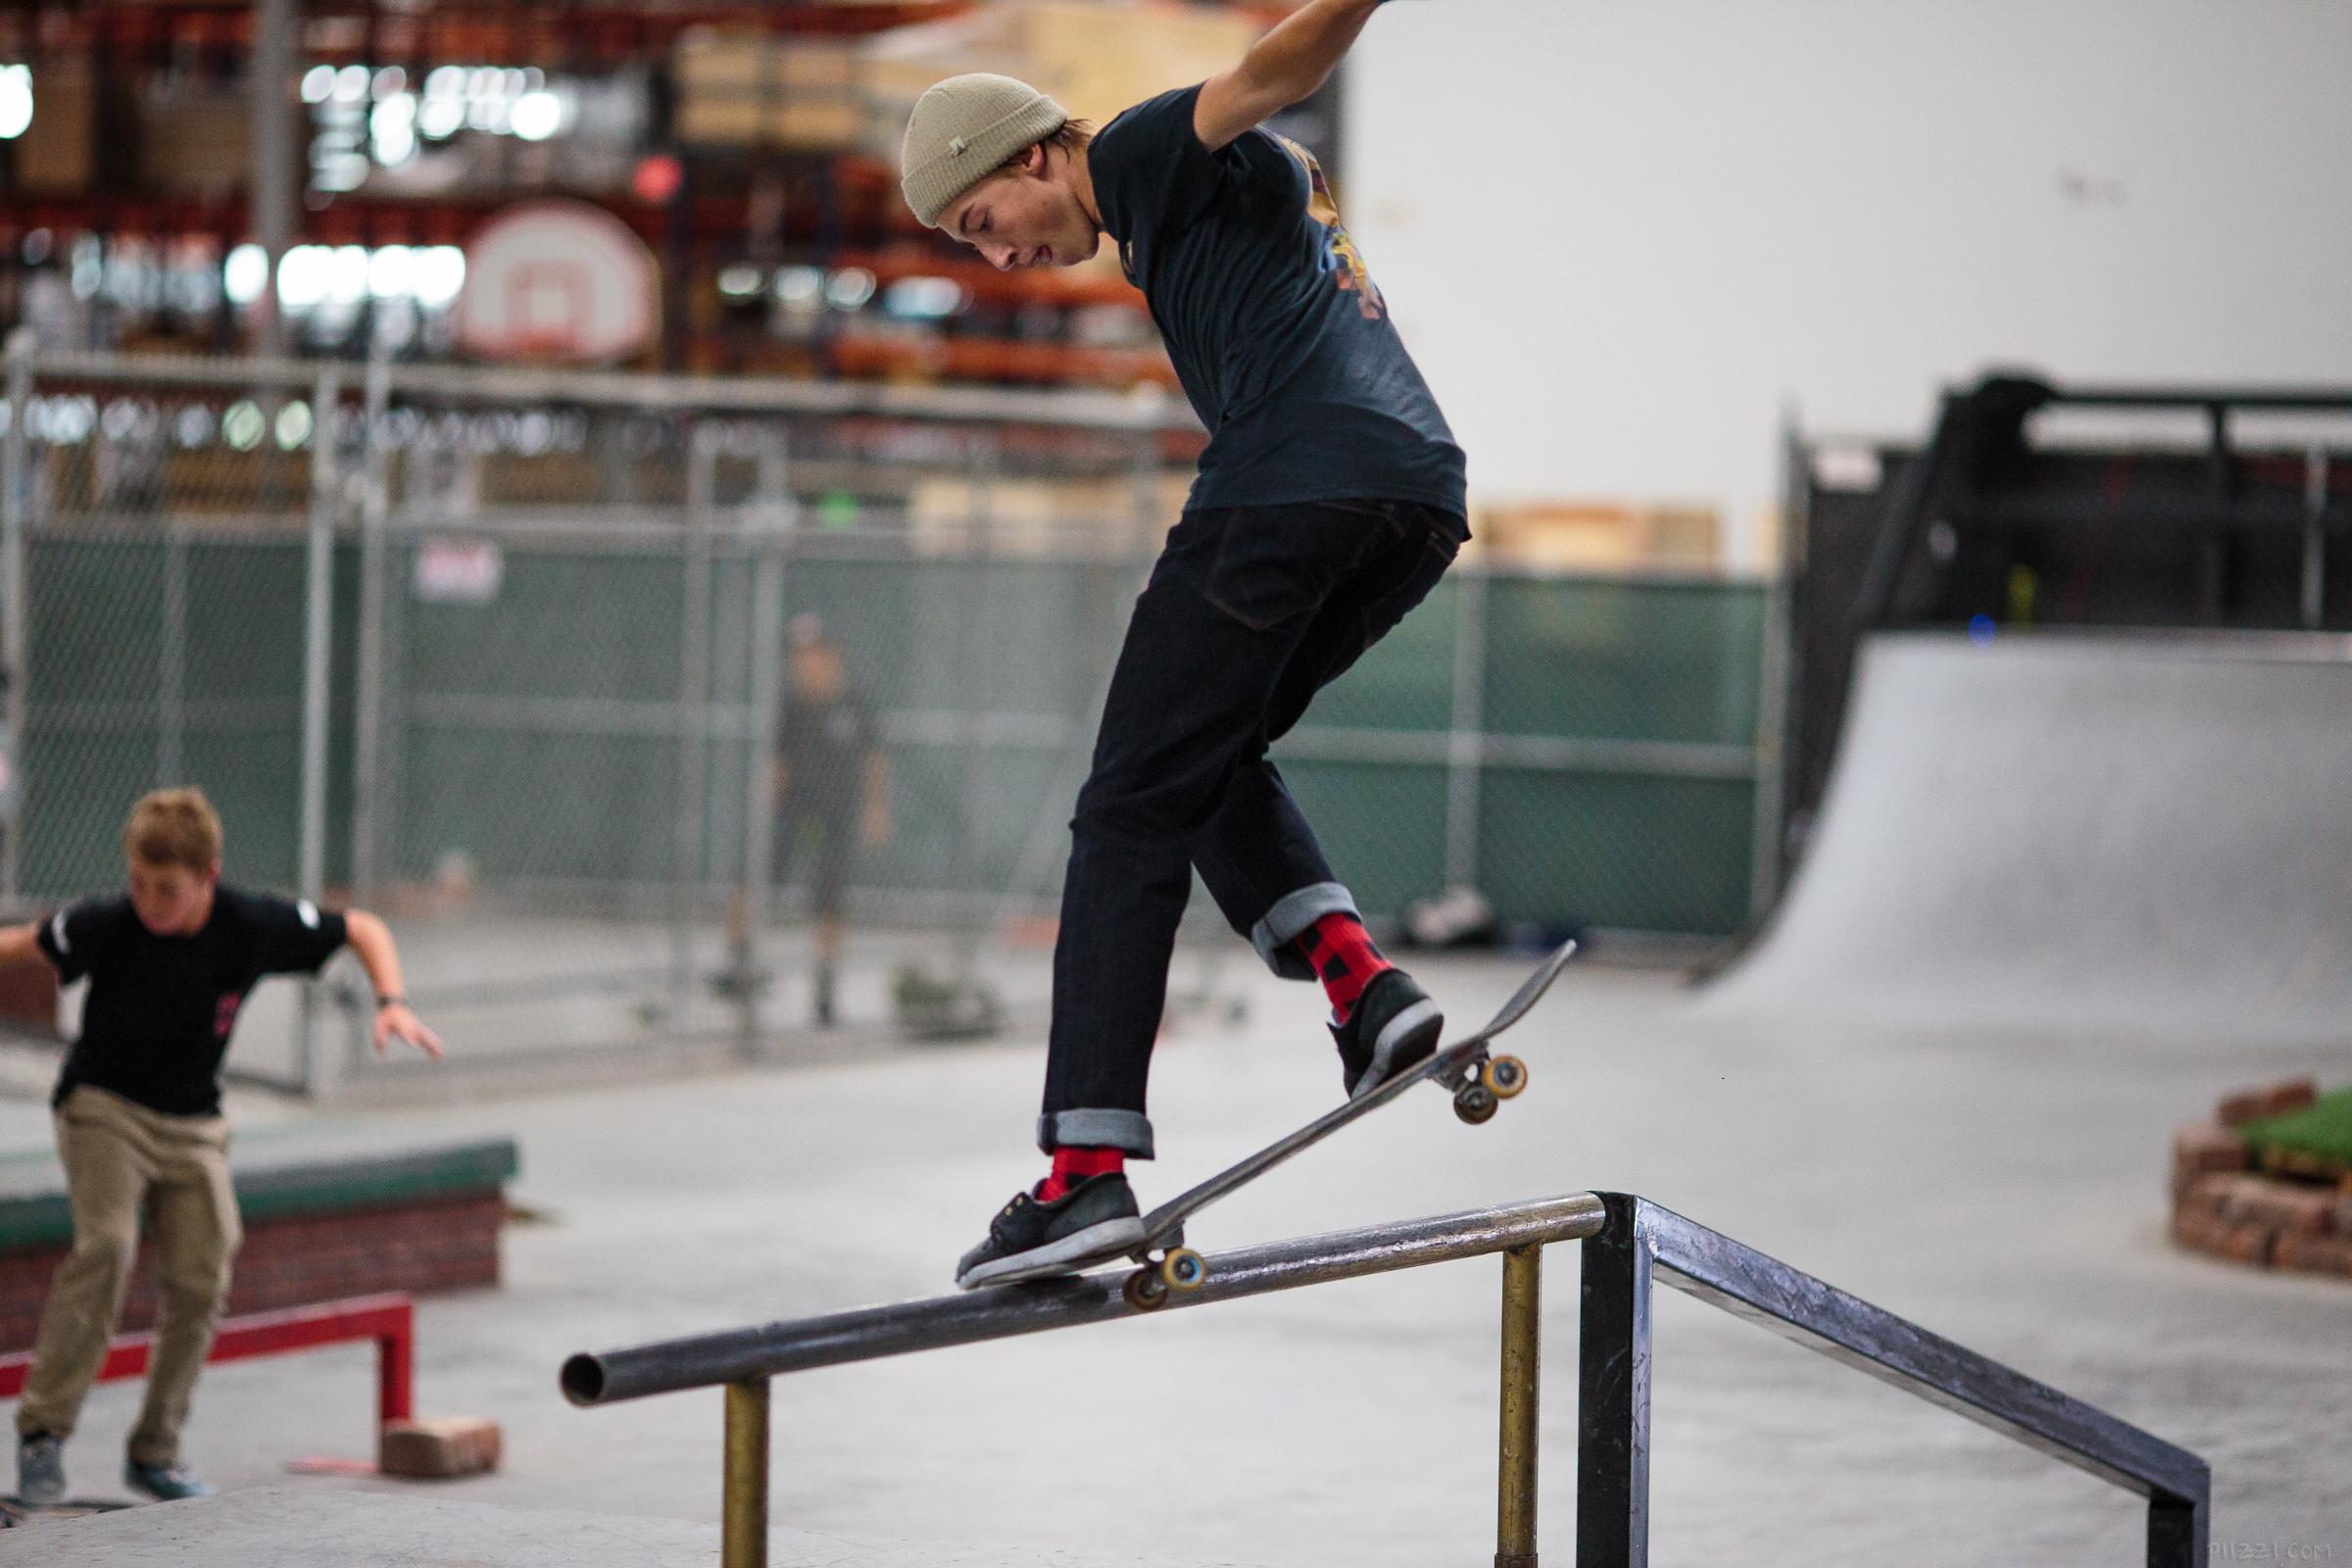 skate_rail_overcrooks_riley.jpg